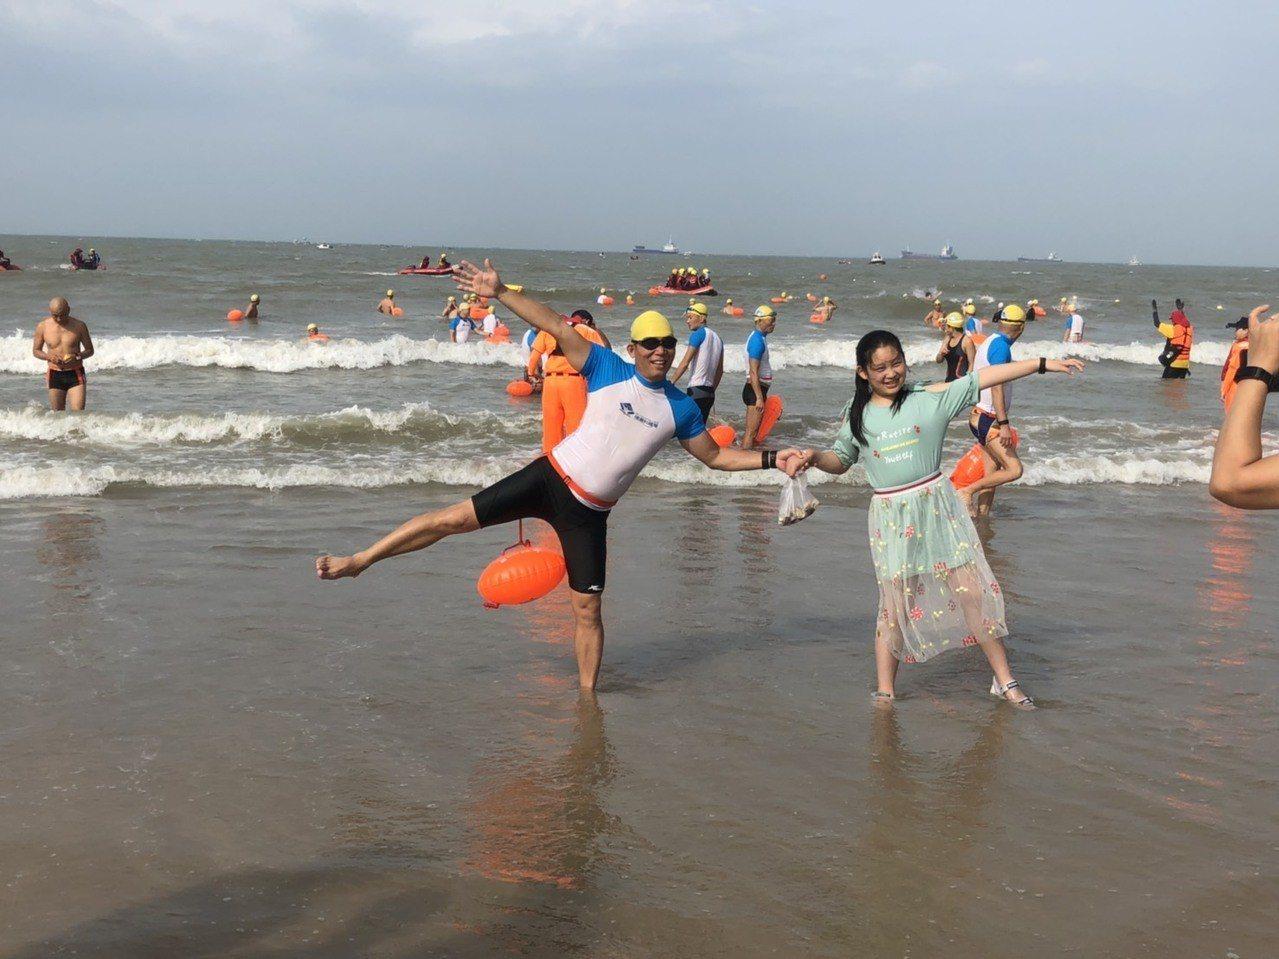 遠道而來的各地泳士,「苦中作樂 」到海邊拍照留念。記者蔡家蓁/攝影